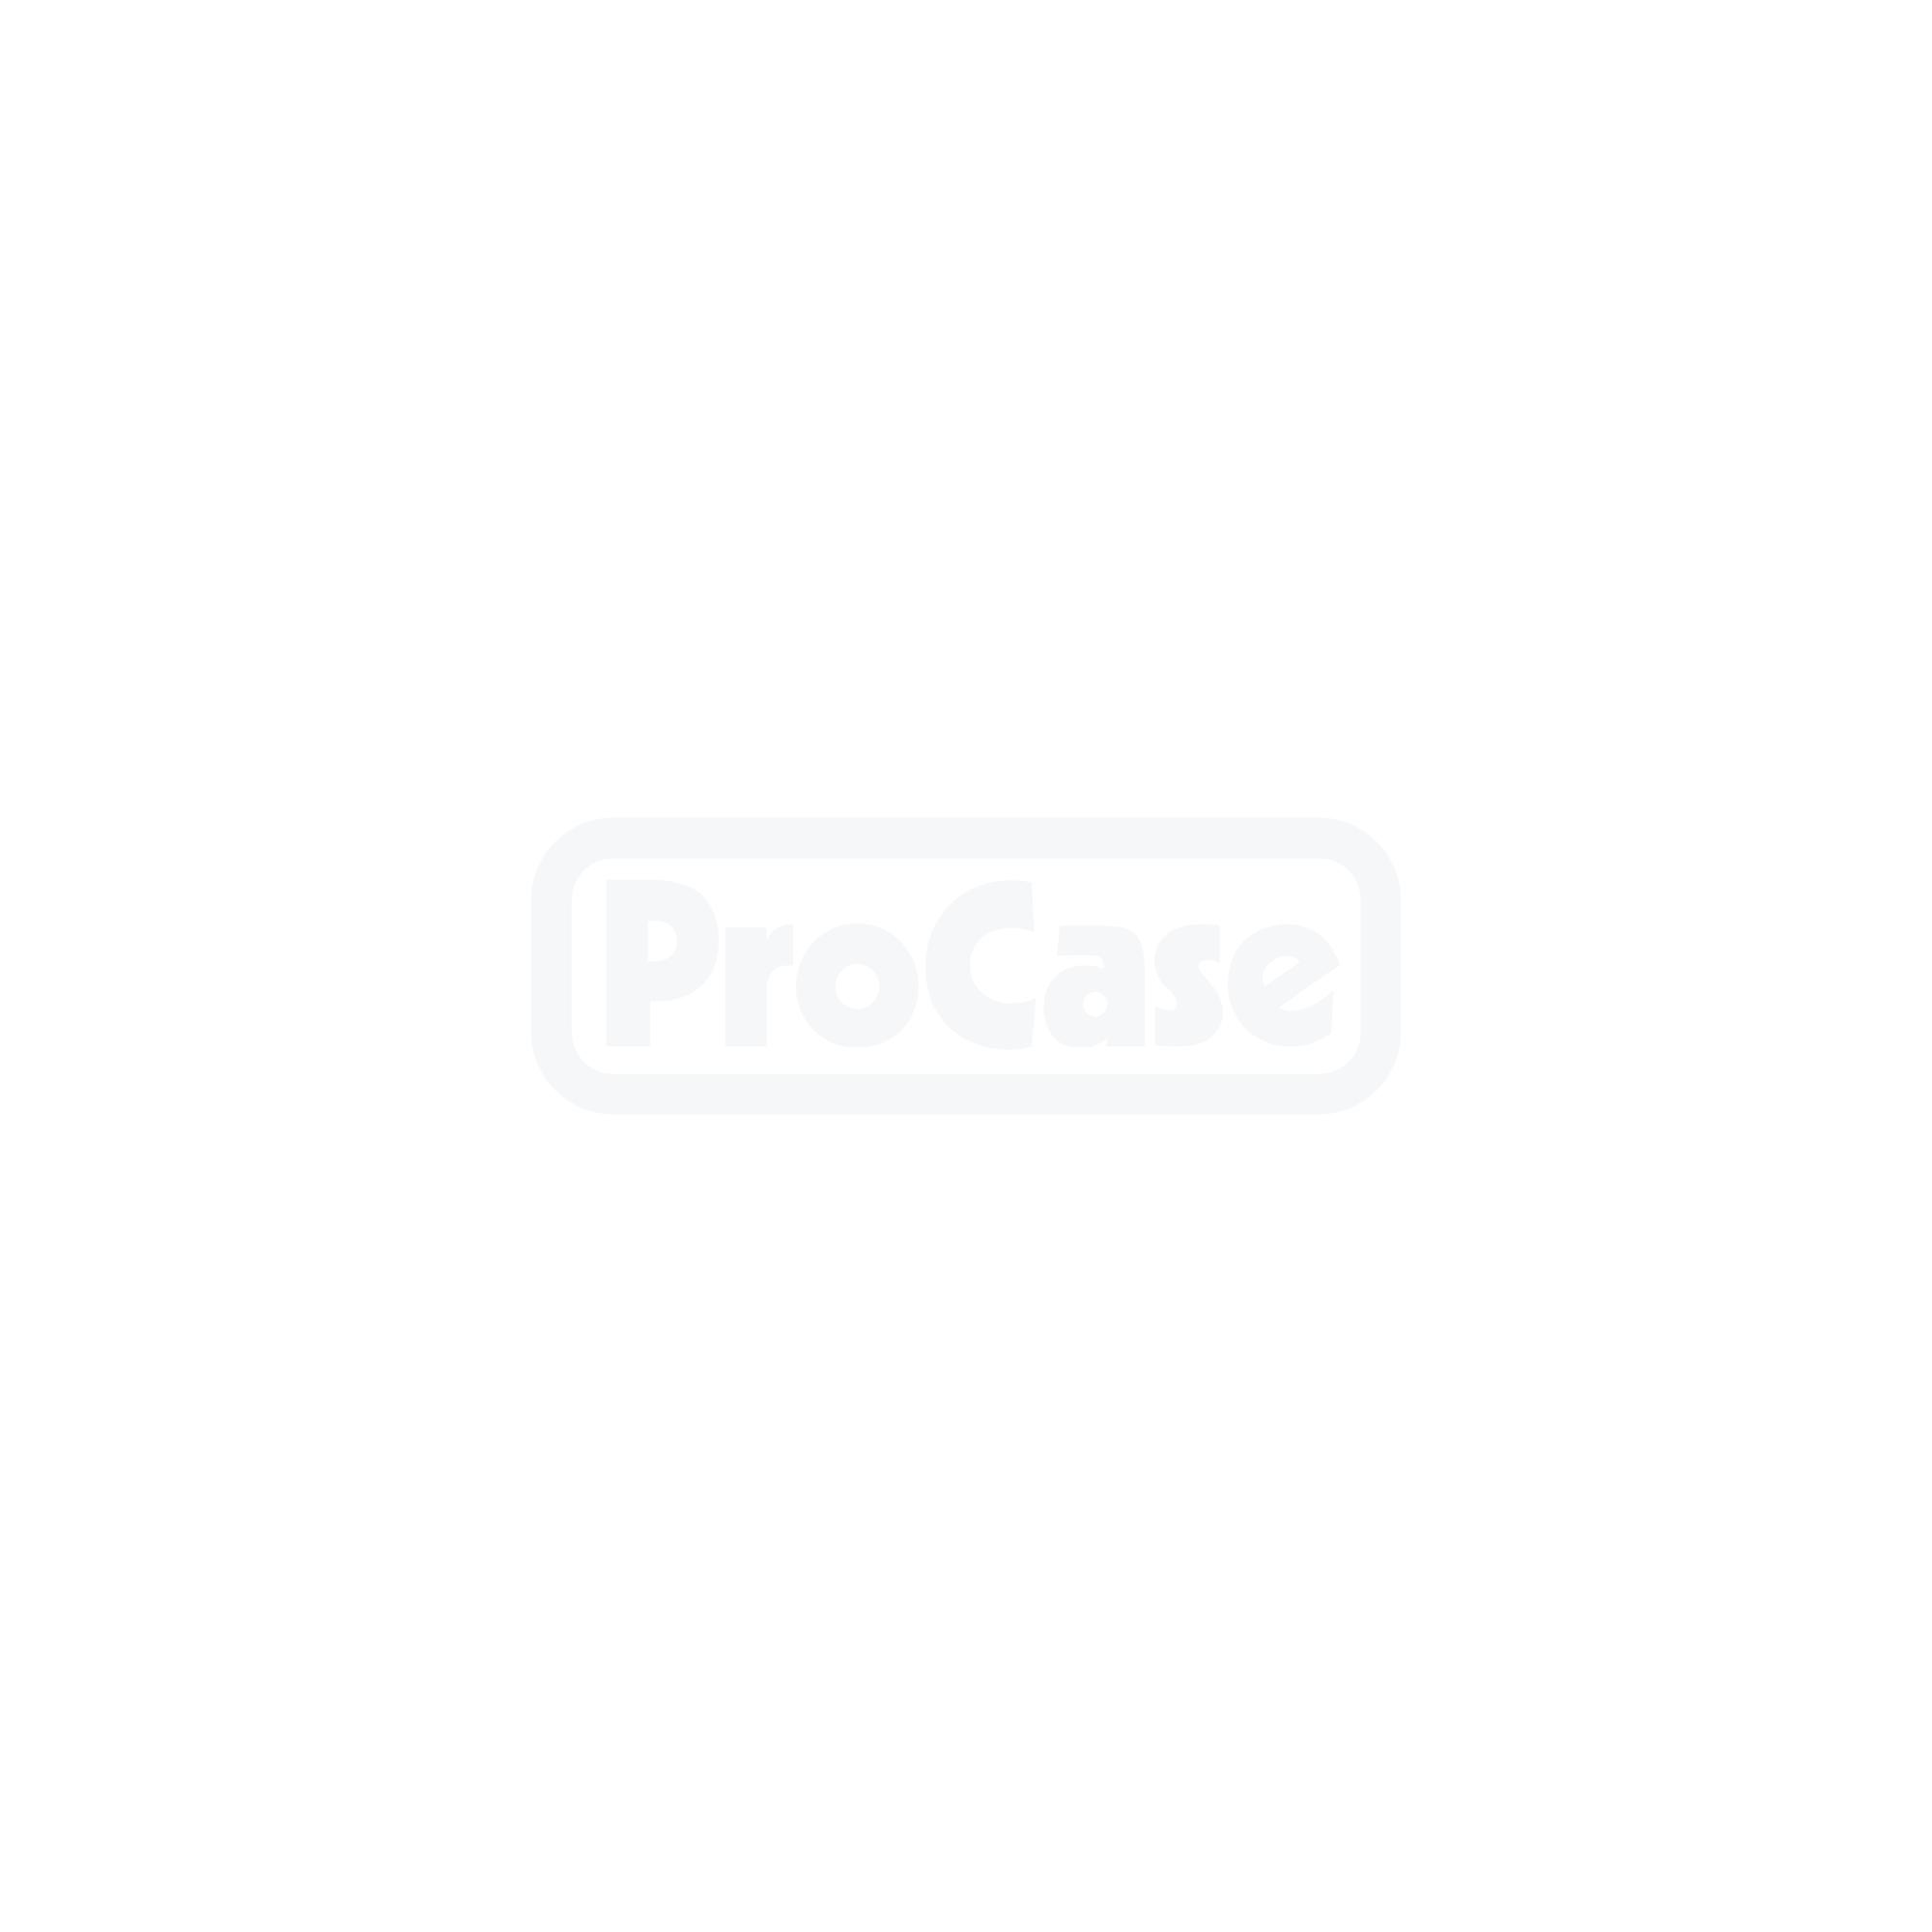 QSD-Rack 10HE 600 mm tief